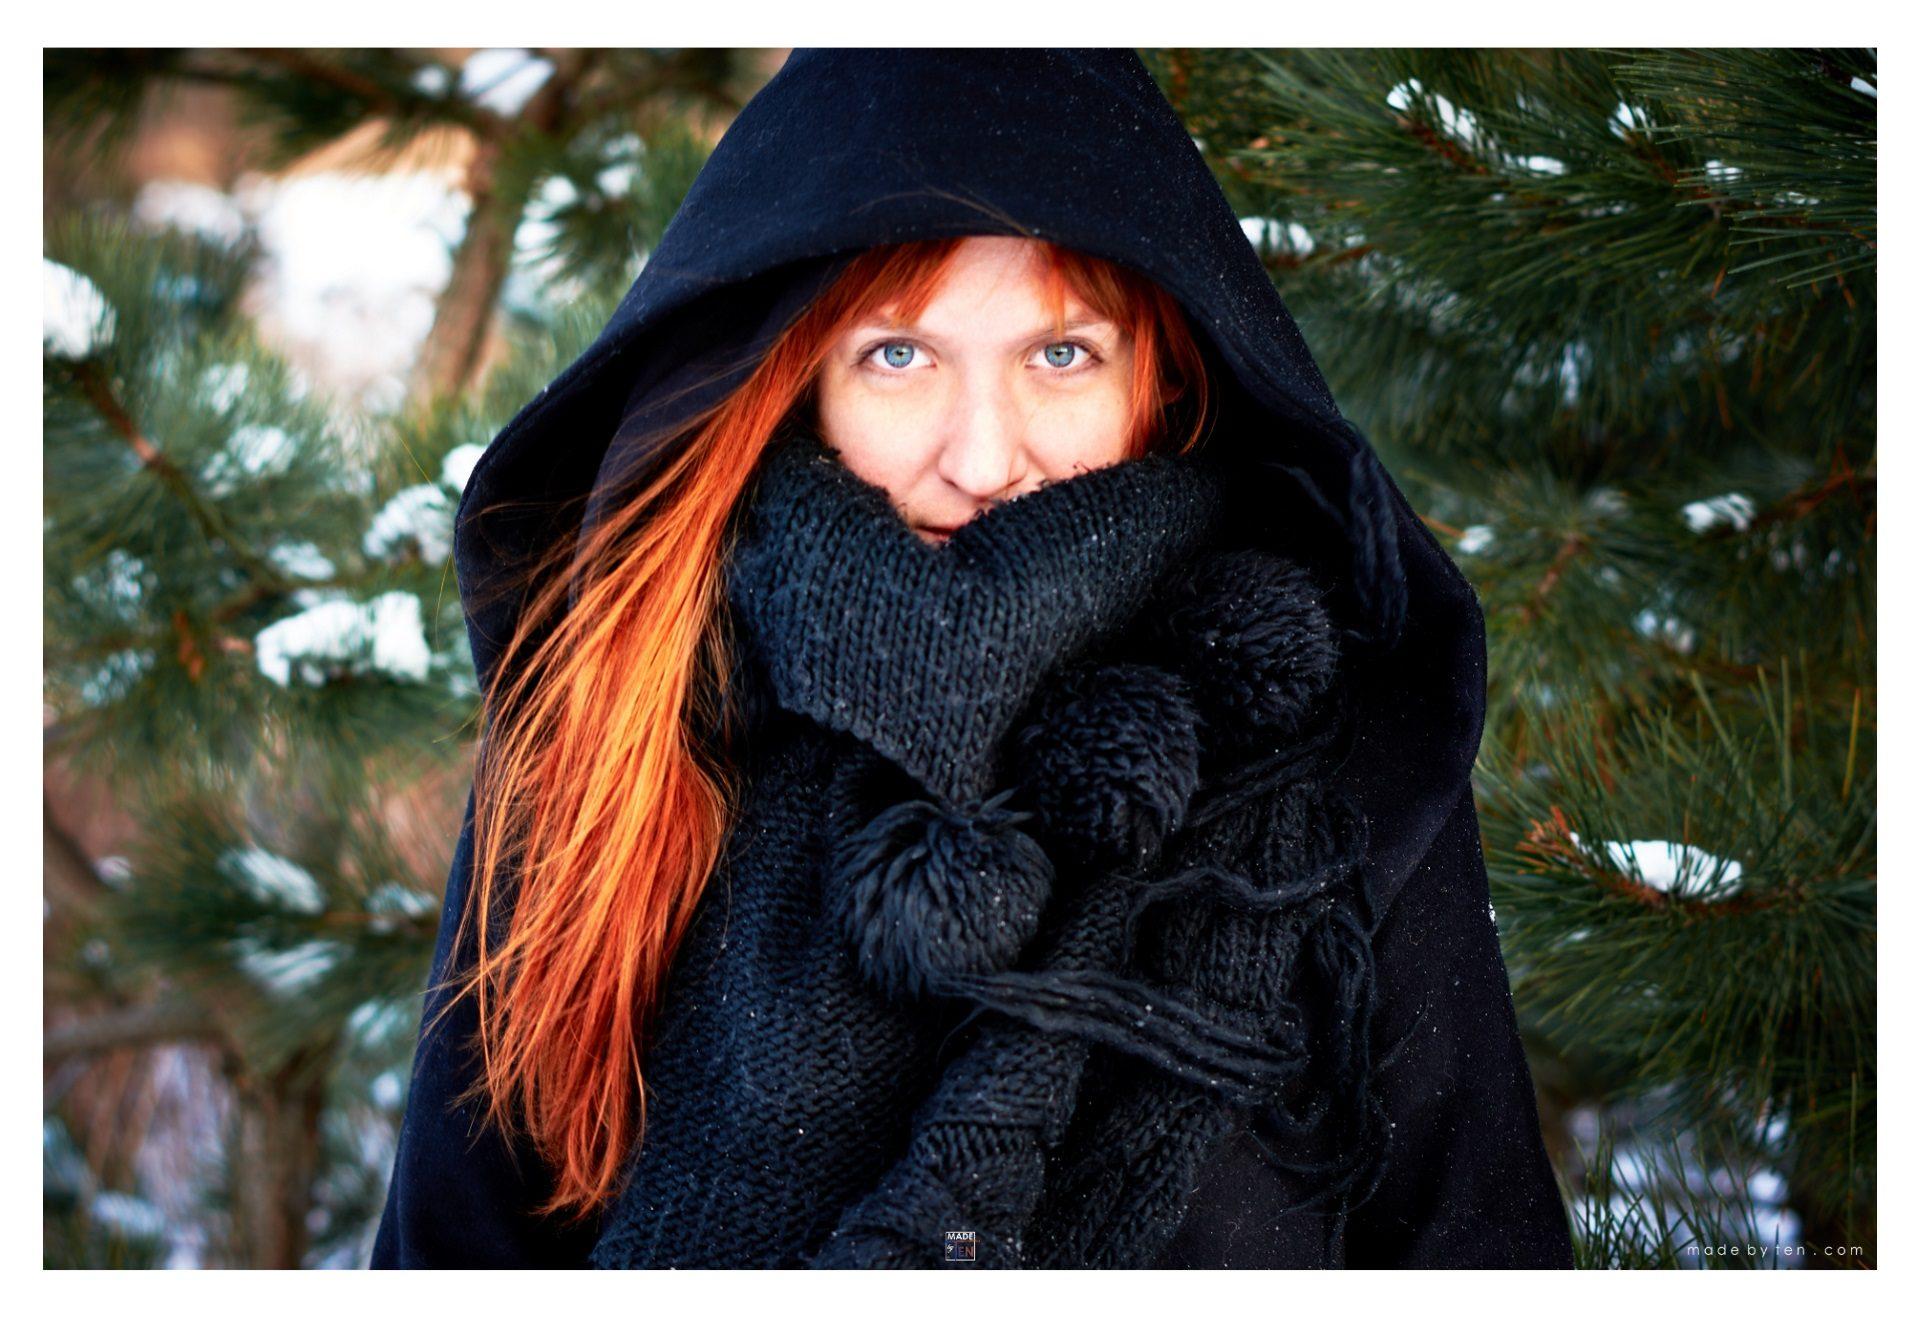 Woman Headshot Winter - GTA Women Lifestyle Photography